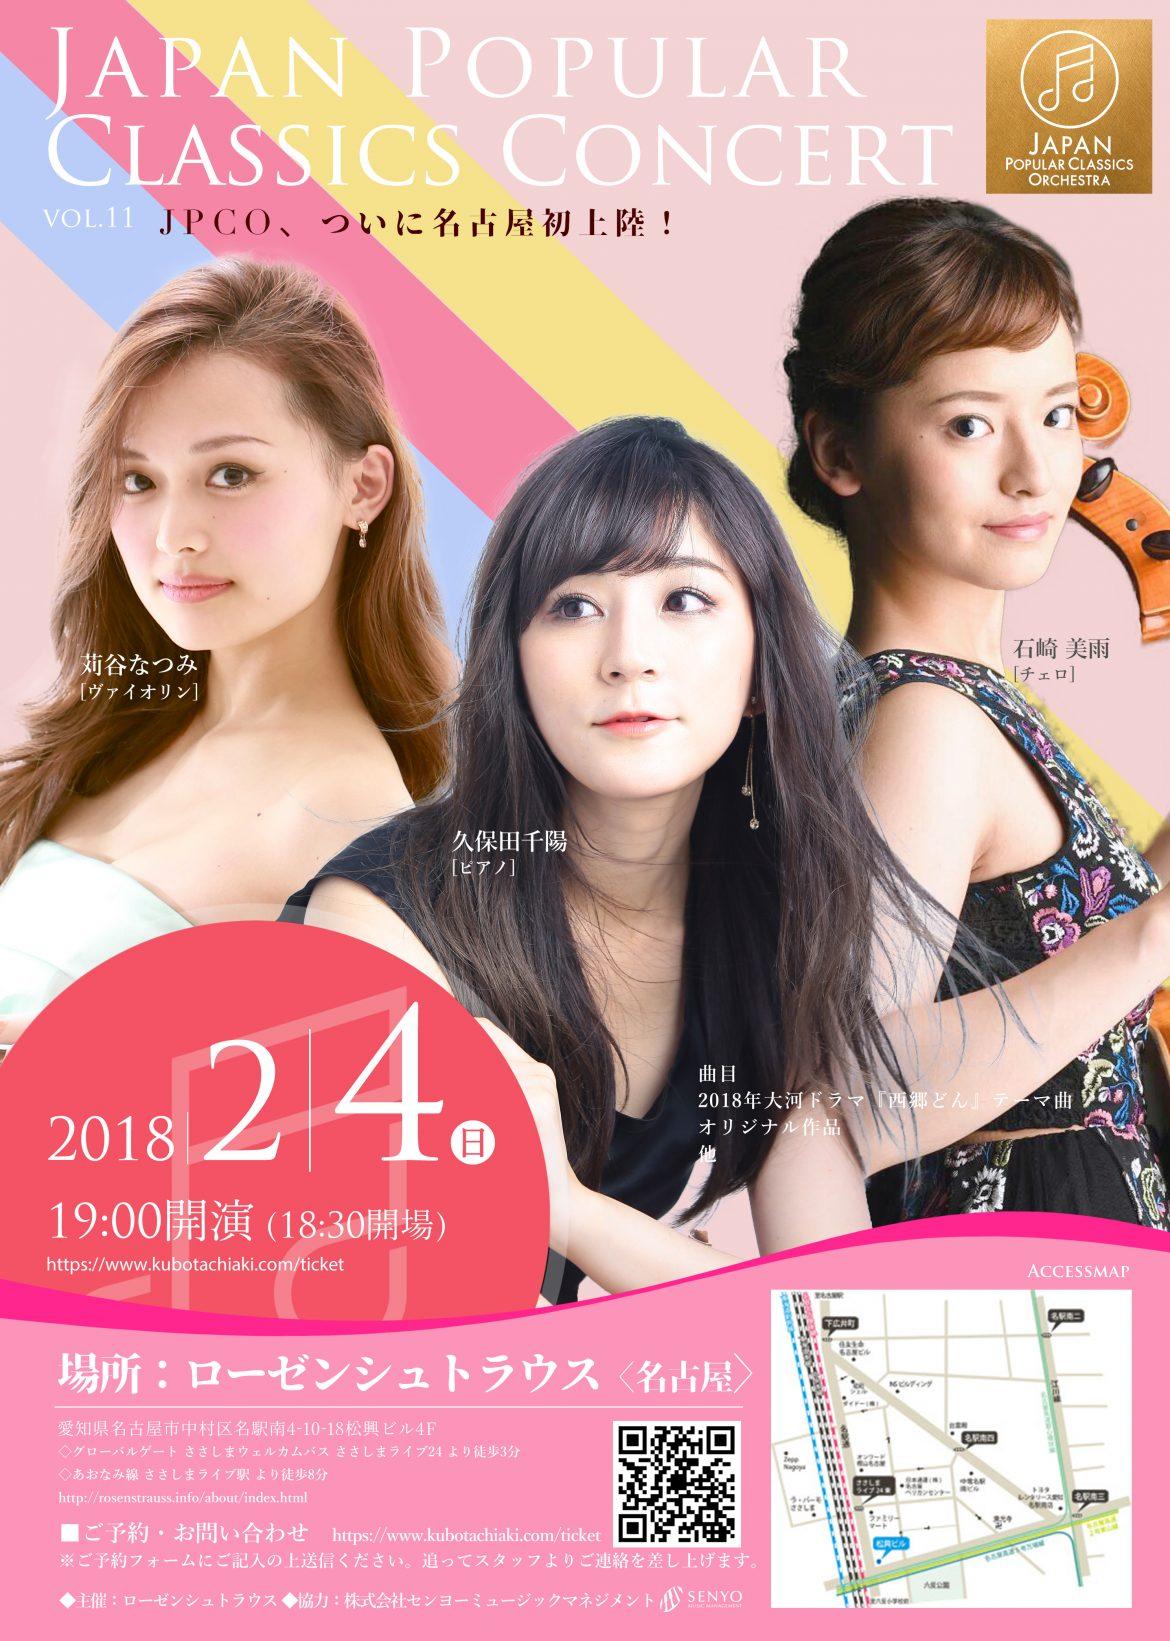 2018.2.4 第11回 JAPAN POPULAR CLASSICS CONCERT